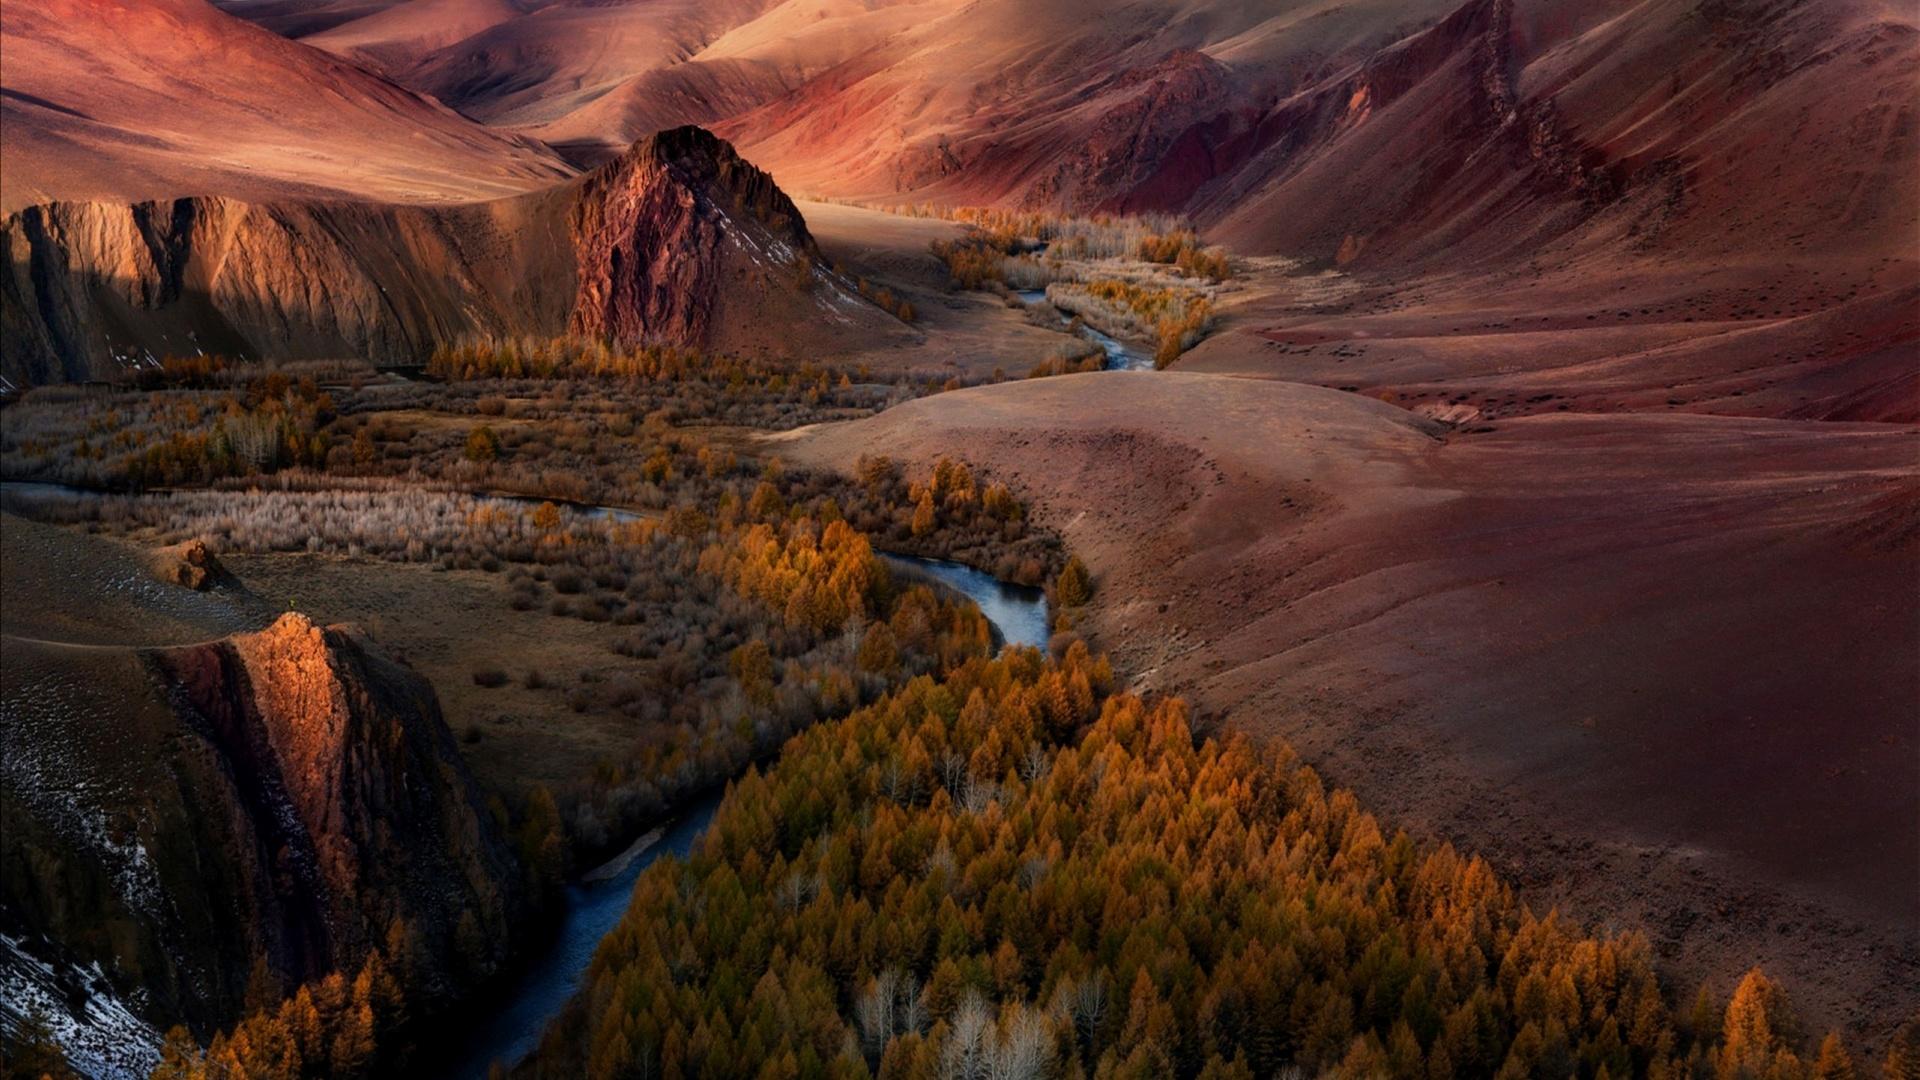 вид на долину с речкой среди гор, урочище кокоря, алтай, обои для рабочего стола